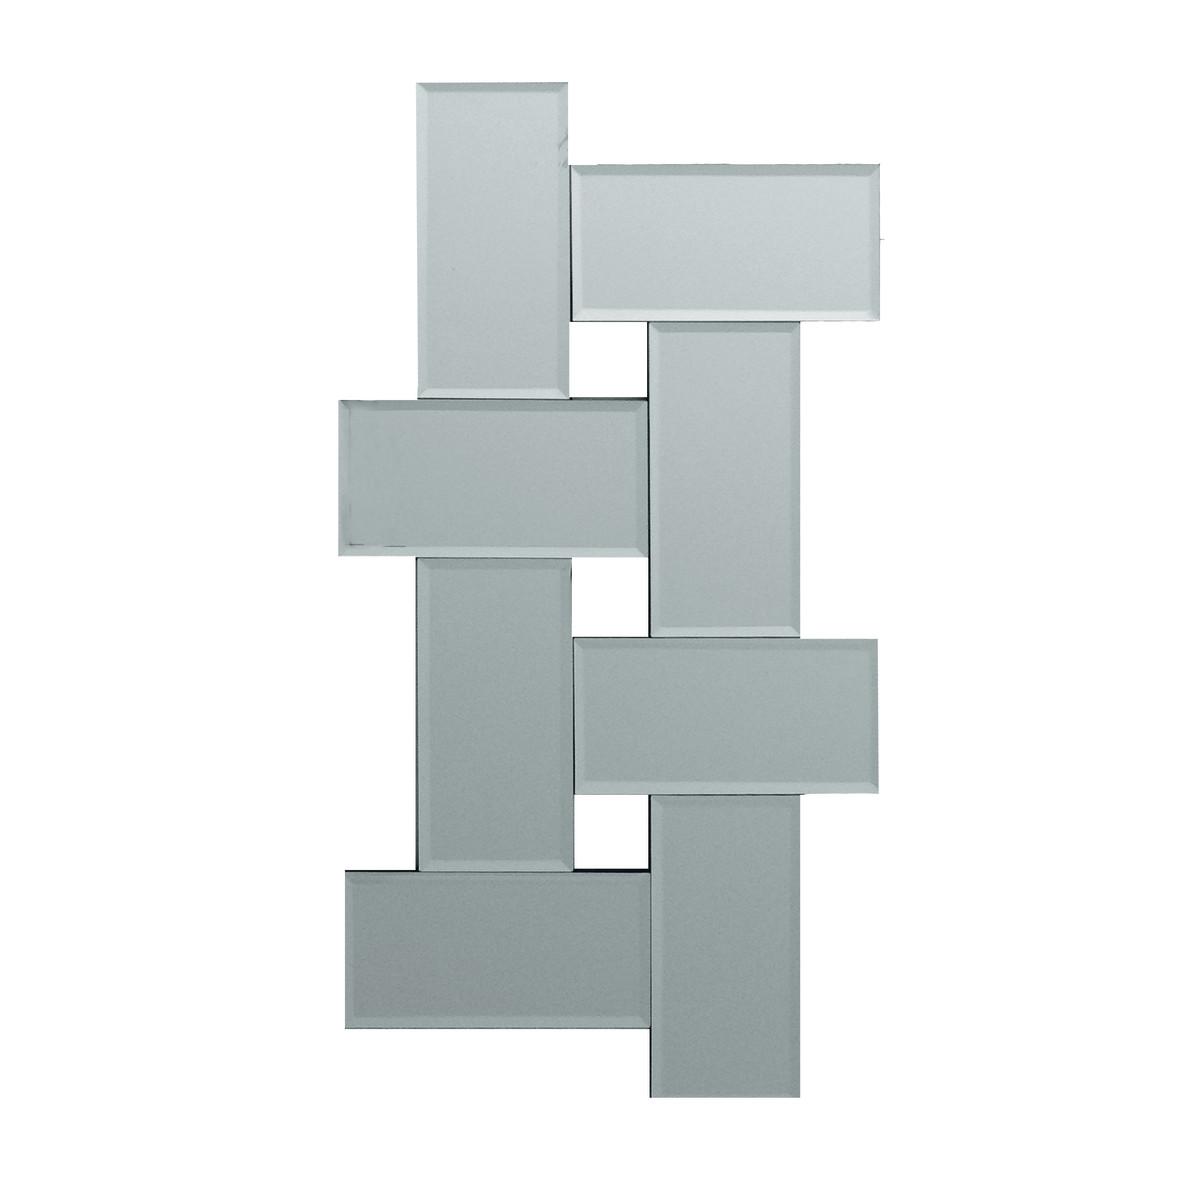 specchio cuori 72,5 x 35 cm: prezzi e offerte online